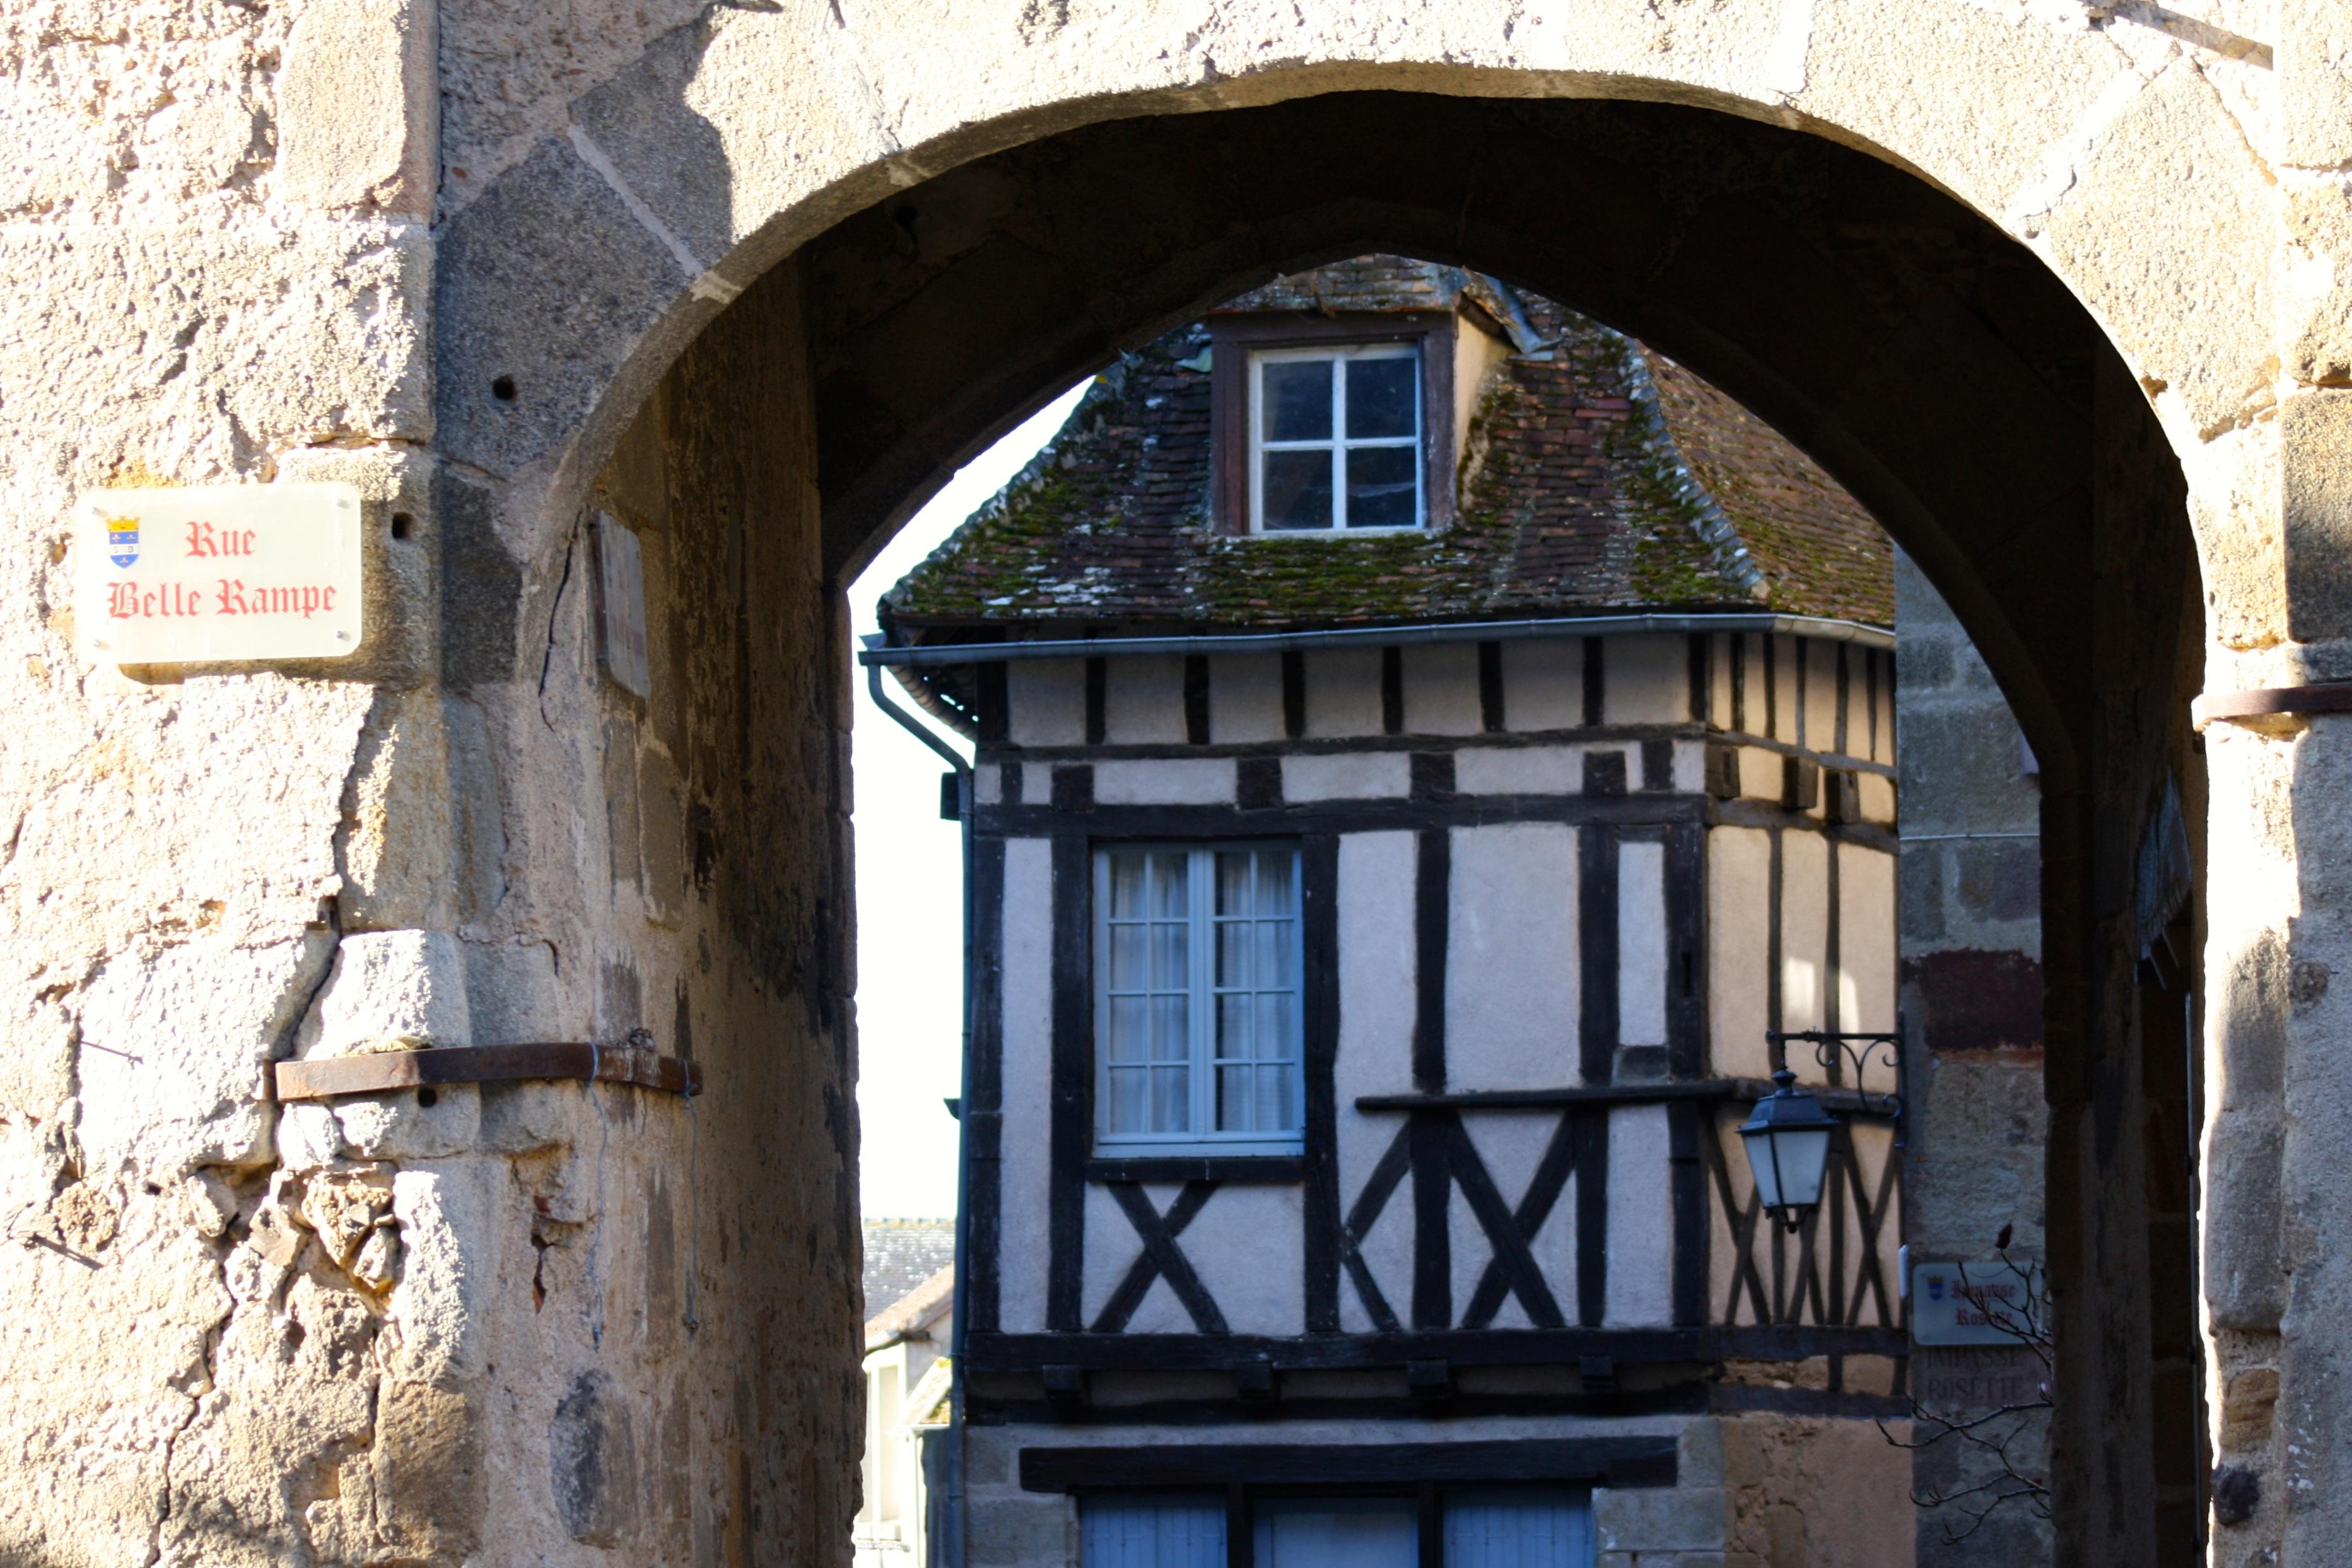 Kostenlose foto : die Architektur, Holz, Beere, Haus, Fenster, Gasse ...